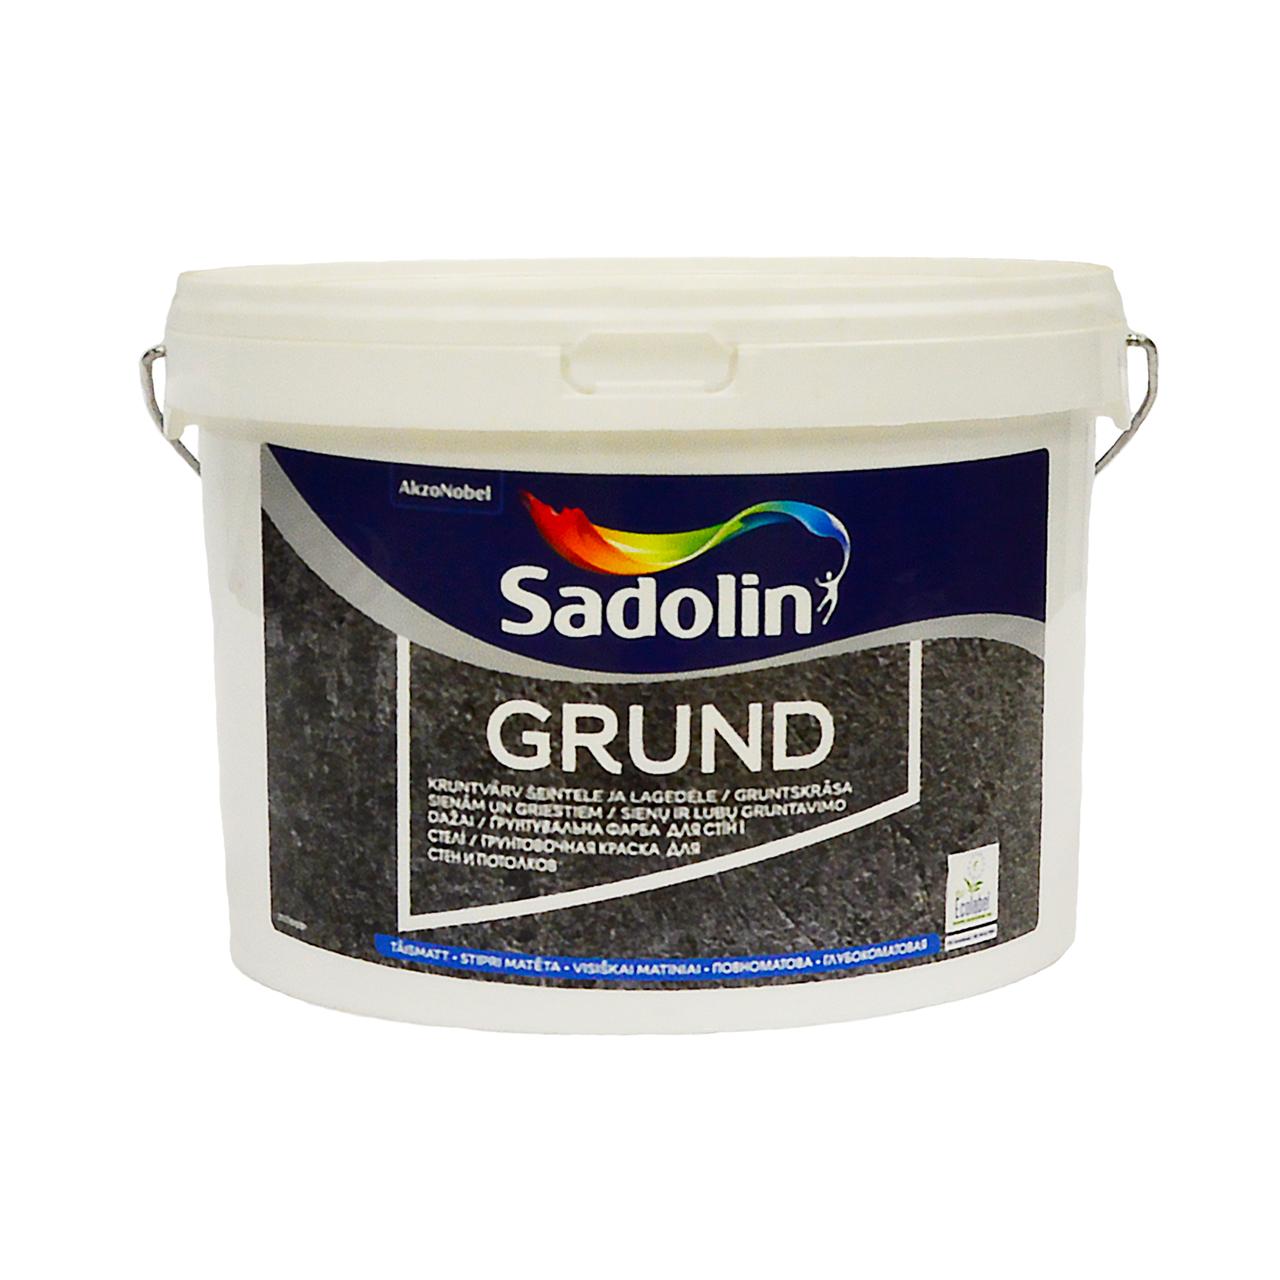 Грунтовочная краска Sadolin Grund (Садолин Грунт) 2.5 л